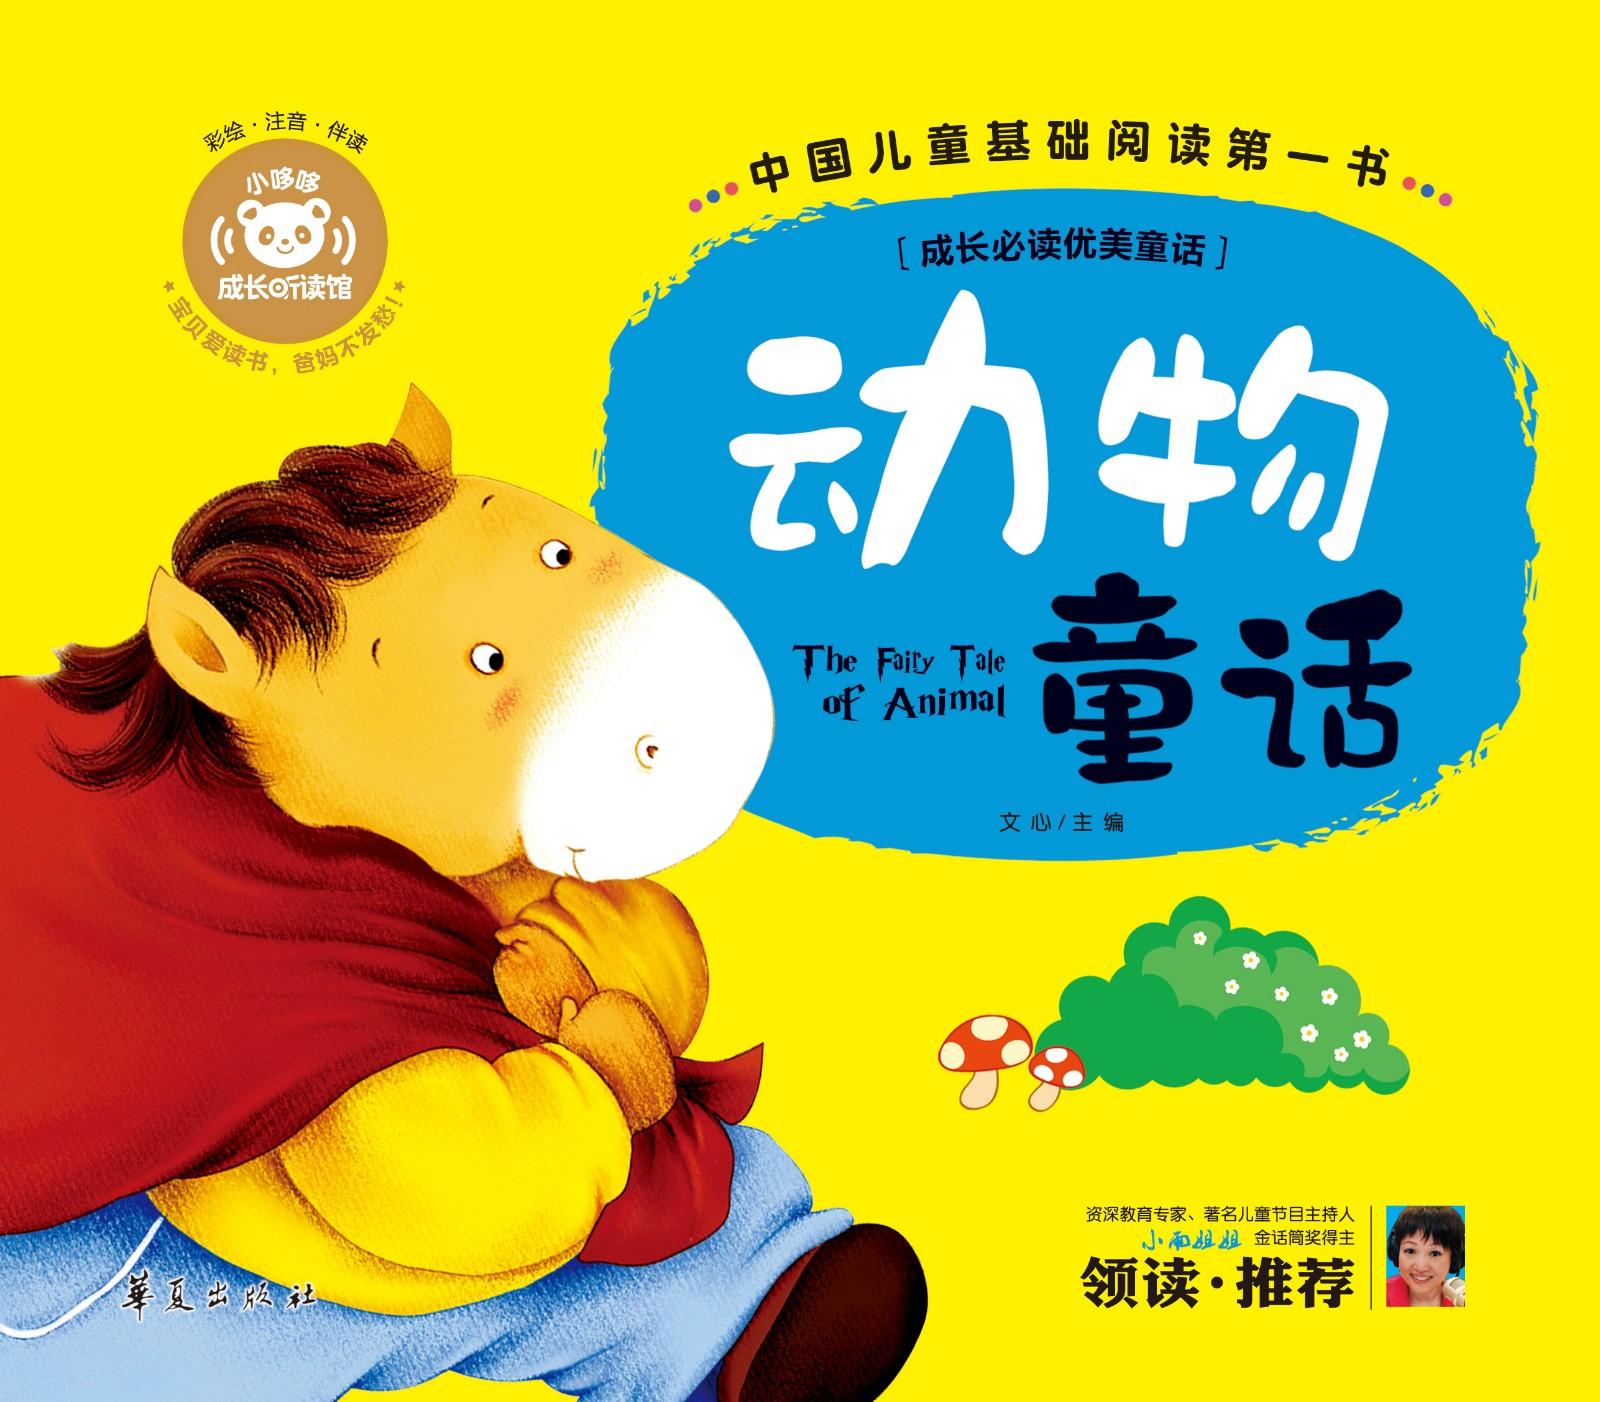 为了开启孩子的智慧之门,我们精心编写了这本《动物童话》。本书通过一篇篇精彩的动物童话故事,从观察力、想象力、创造力、分析判断力和应变能力等各个方面,诠释了智慧的内涵,告诉孩子如何运用自己的聪明才智,解决生活中遇到的种种难题。为方便孩子们阅读这些故事,我们不仅标注了拼音,还配制了精美的插图。相信孩子们在阅读的快乐中不仅能发现美,还能懂得道理、获得智慧。